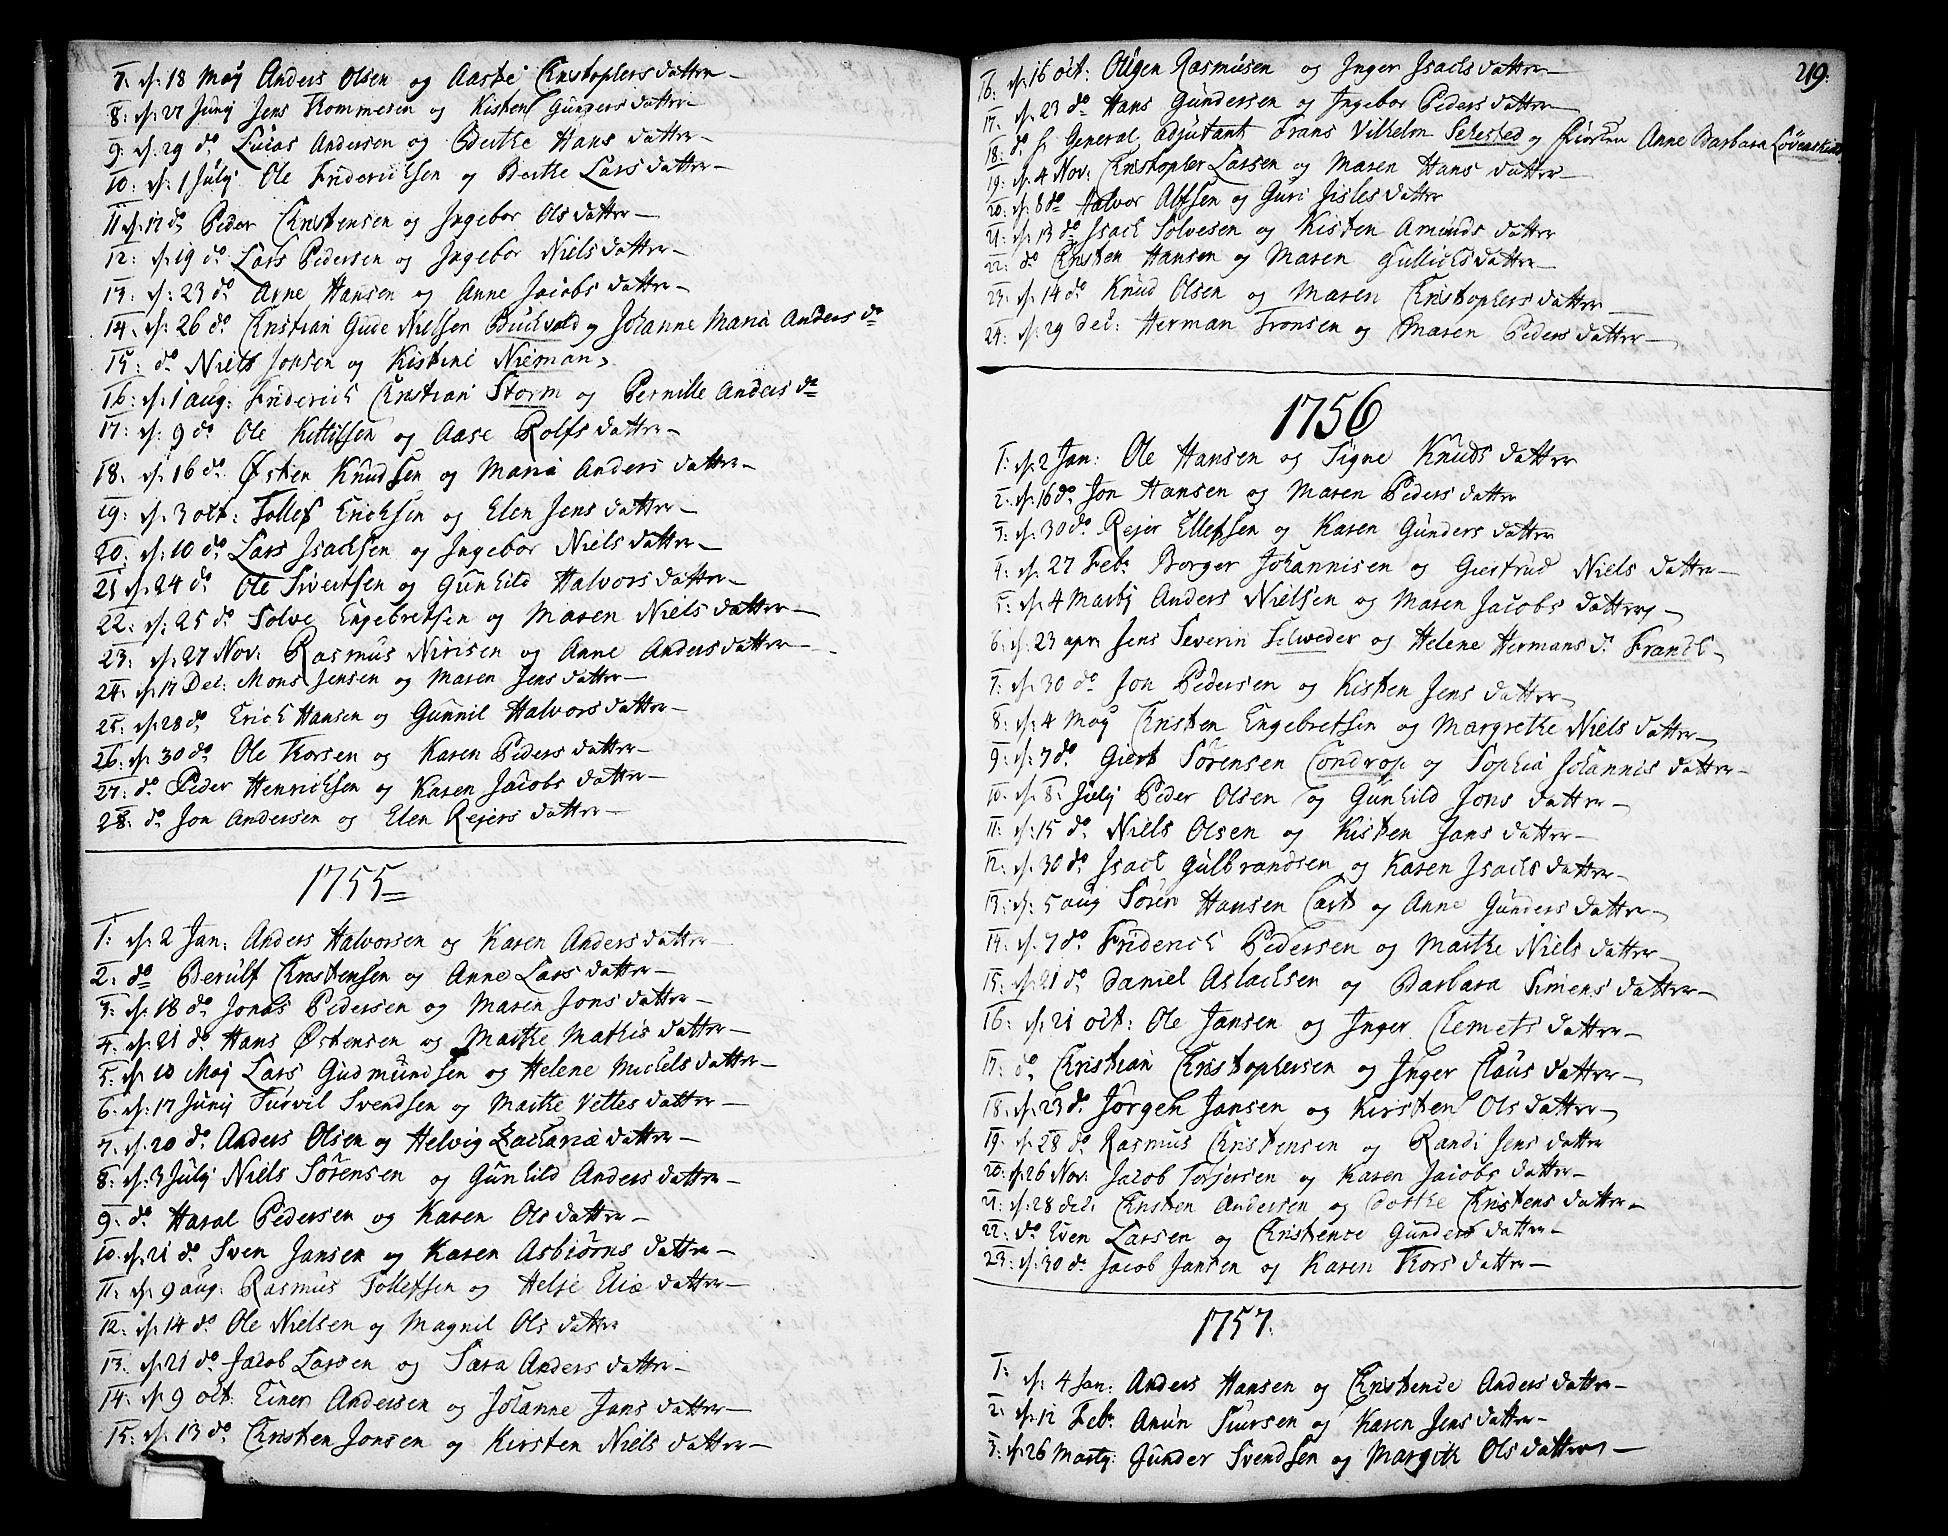 SAKO, Gjerpen kirkebøker, F/Fa/L0002: Ministerialbok nr. 2, 1747-1795, s. 219